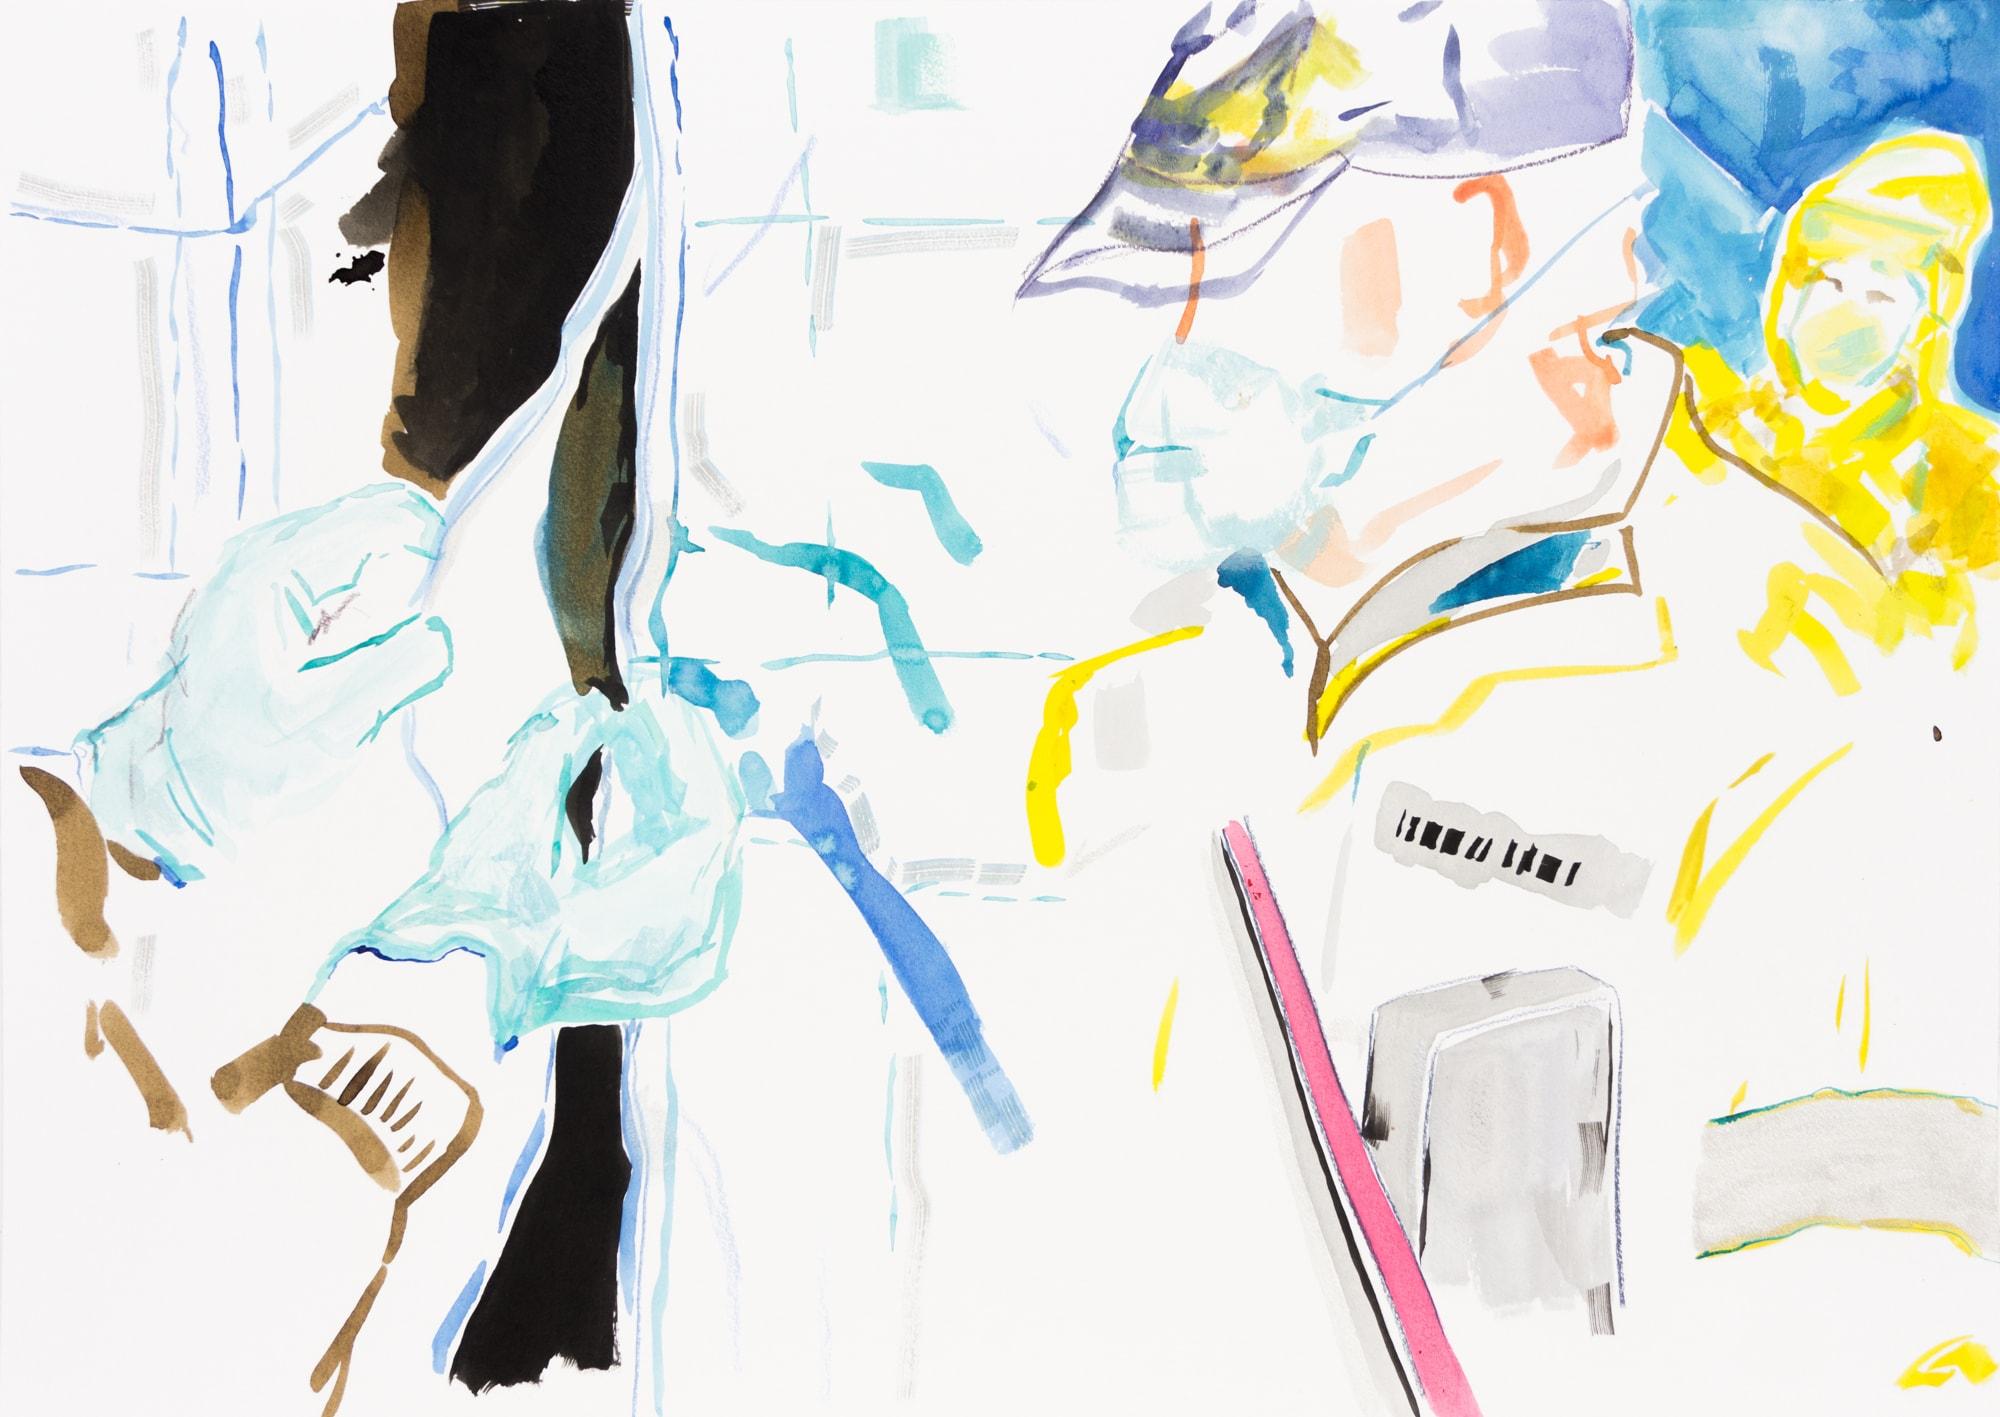 Zeichnung, Tusche auf Papier, 59,4x42cm, Medienbild Corona, Künstlerin: Franziska King